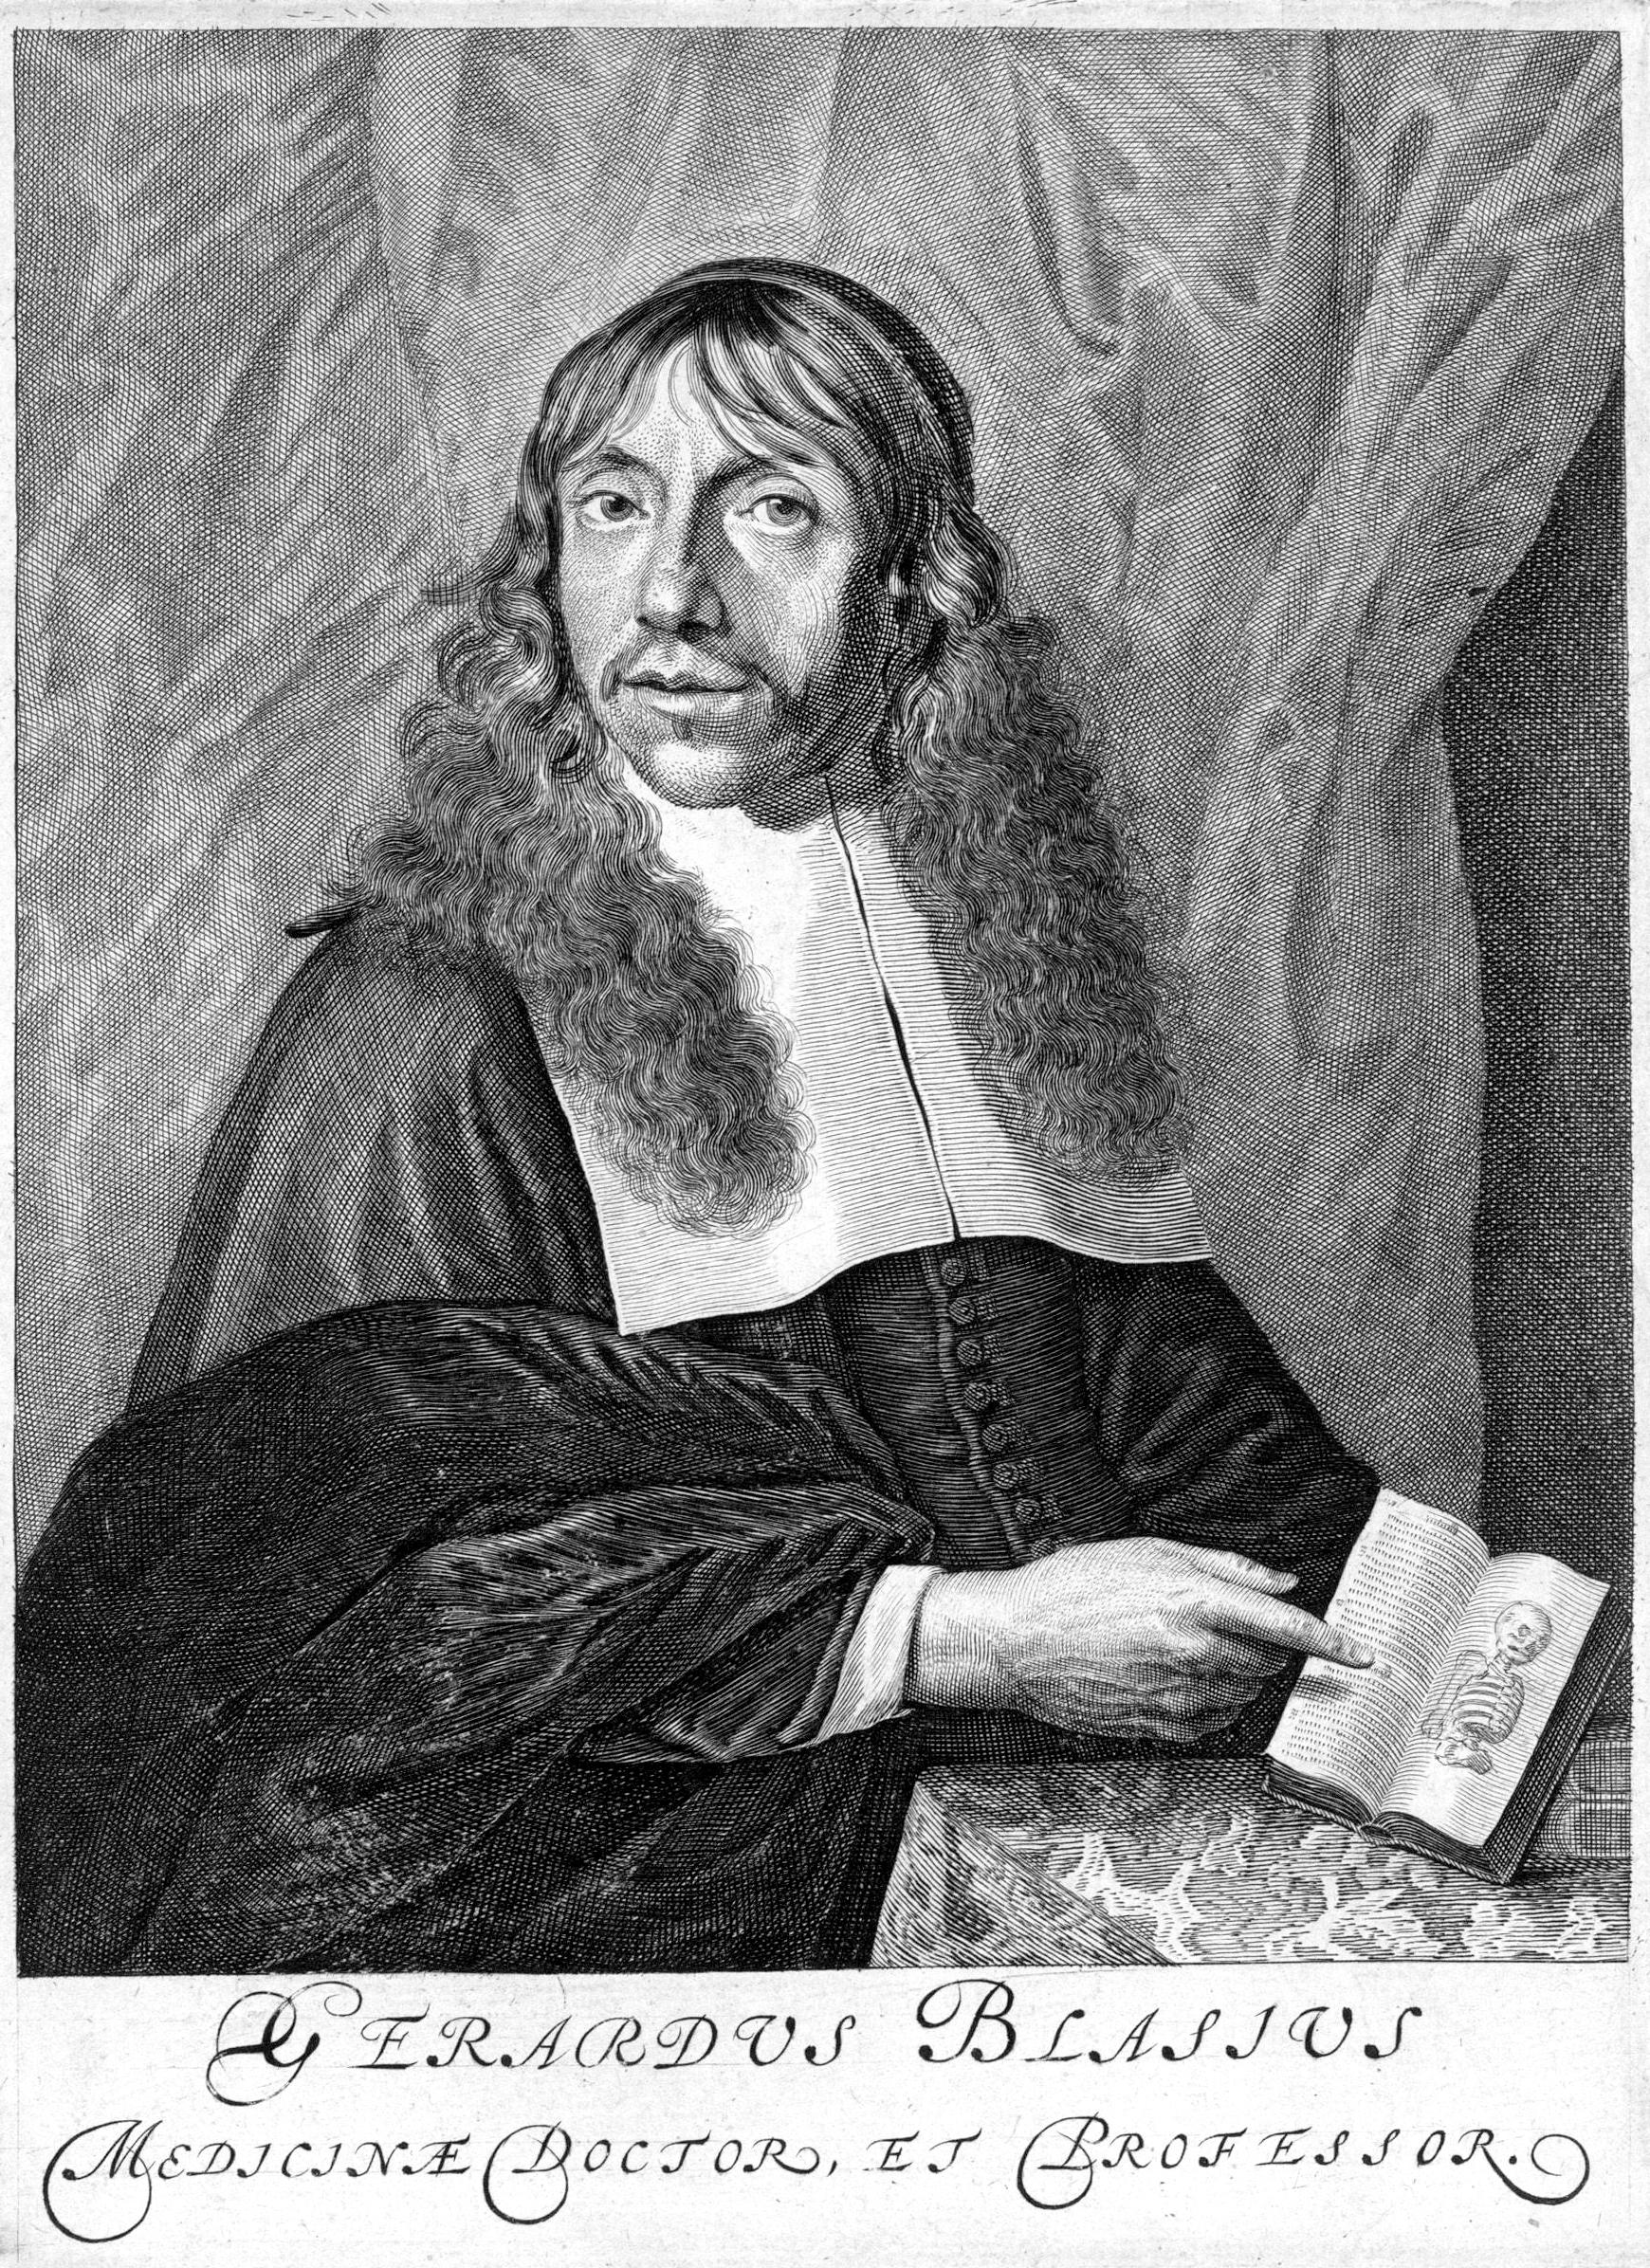 File:Gerardus Leonardus Blasius (1625-1695).jpg